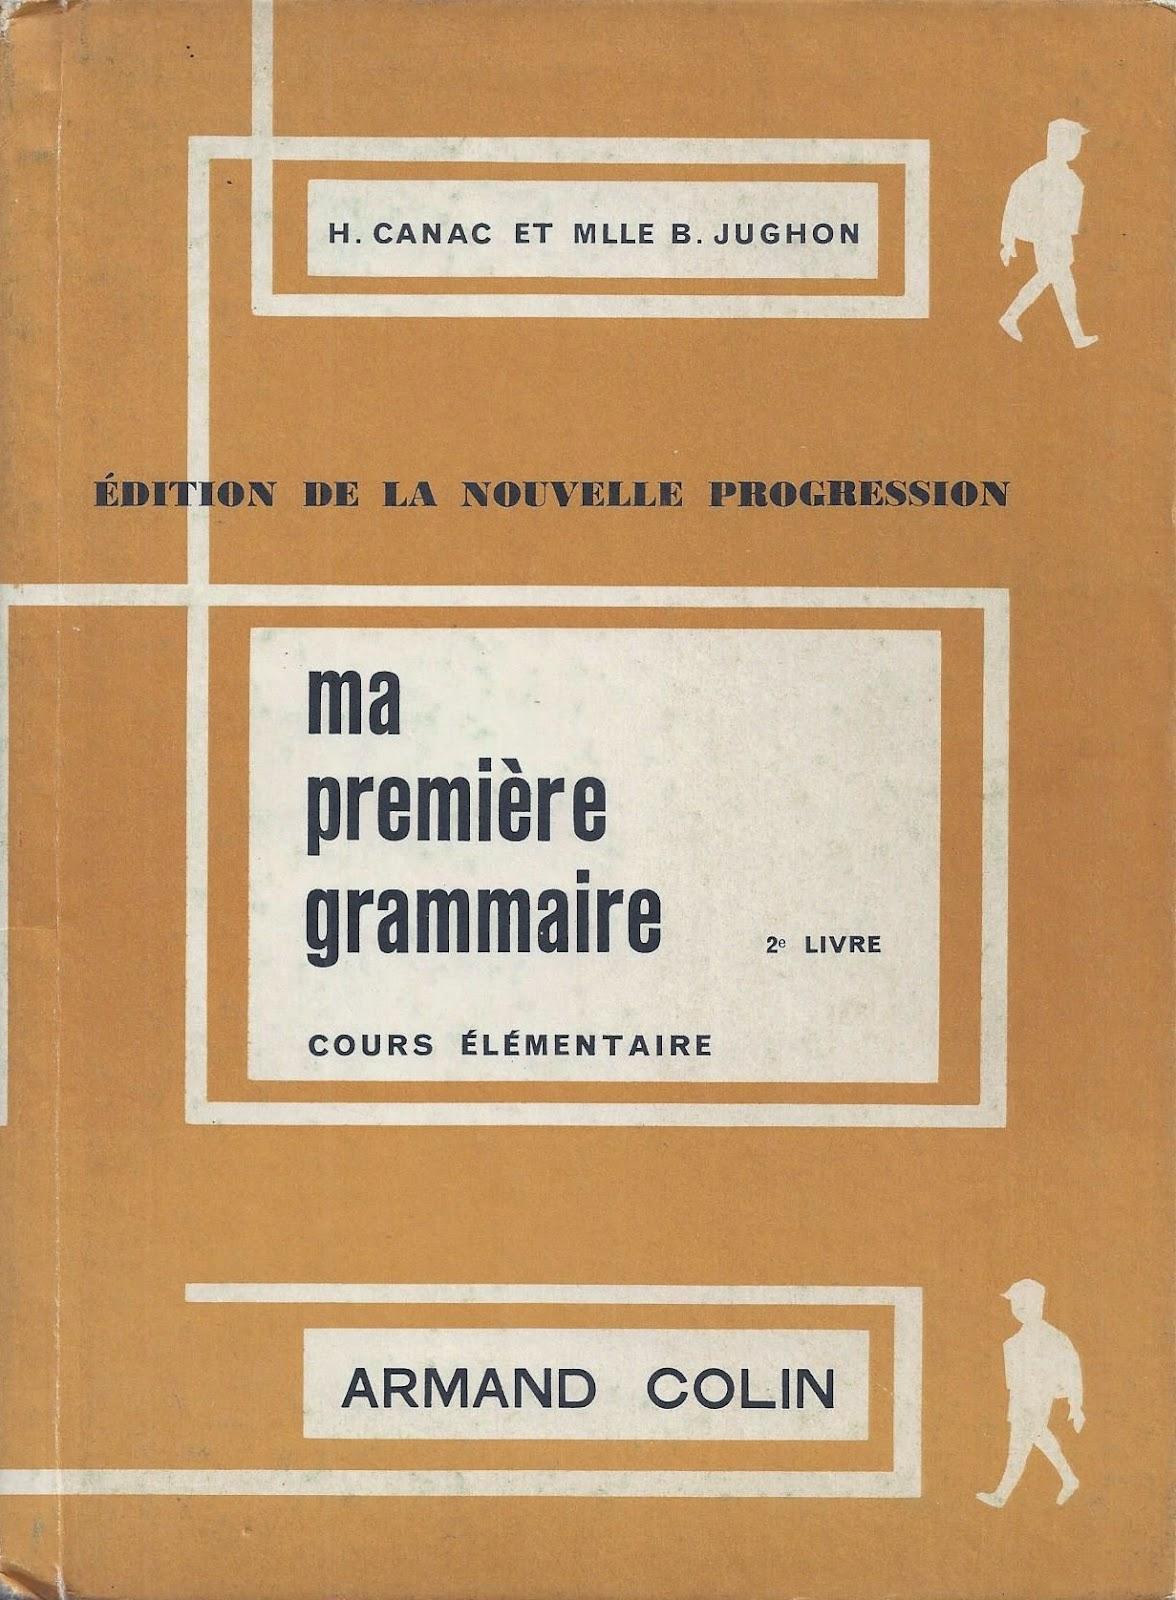 Manuels anciens Picard+Jughon+Premi%25C3%25A8re+grammaire+CE0000